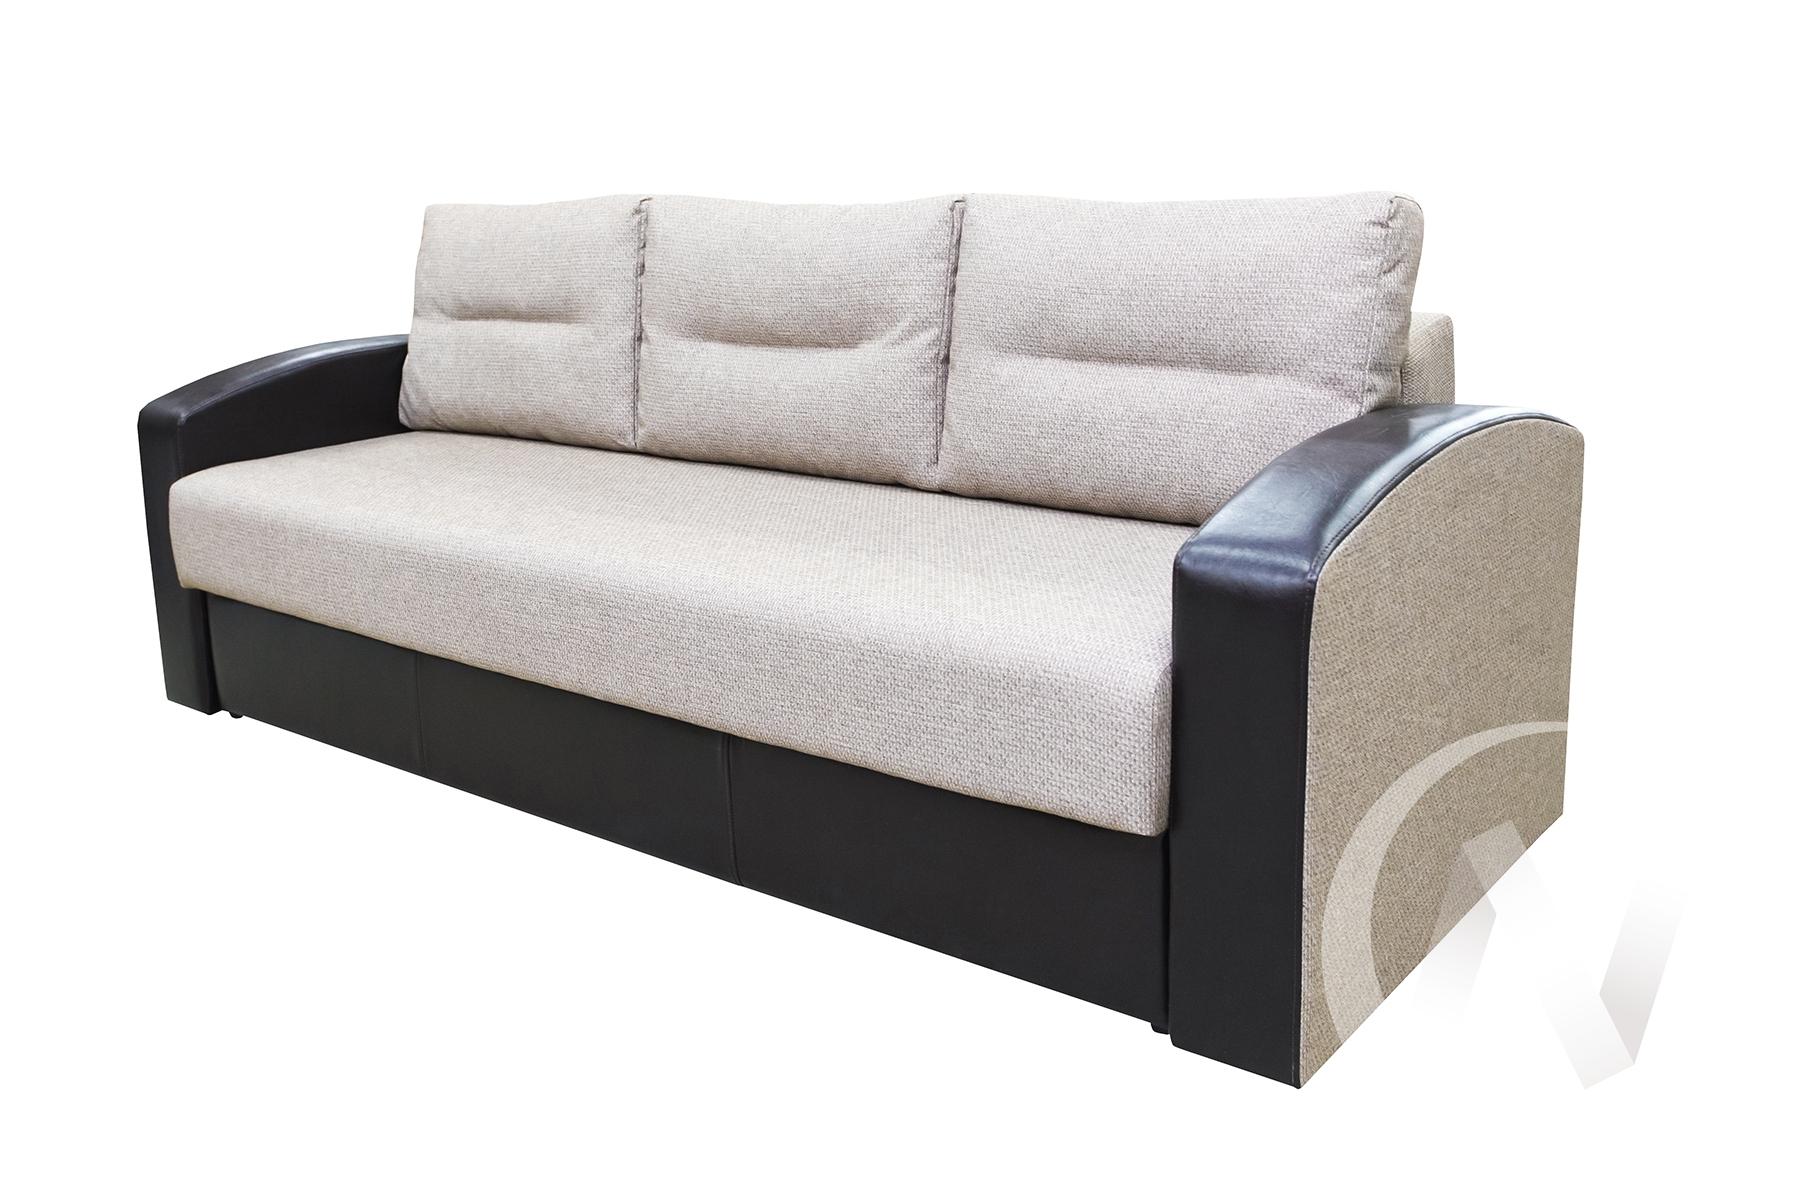 Диван прямой Магнат (рогожа Ролан 1334/2 бежево-коричневый/коричневый к.з.)  в Томске — интернет магазин МИРА-мебель